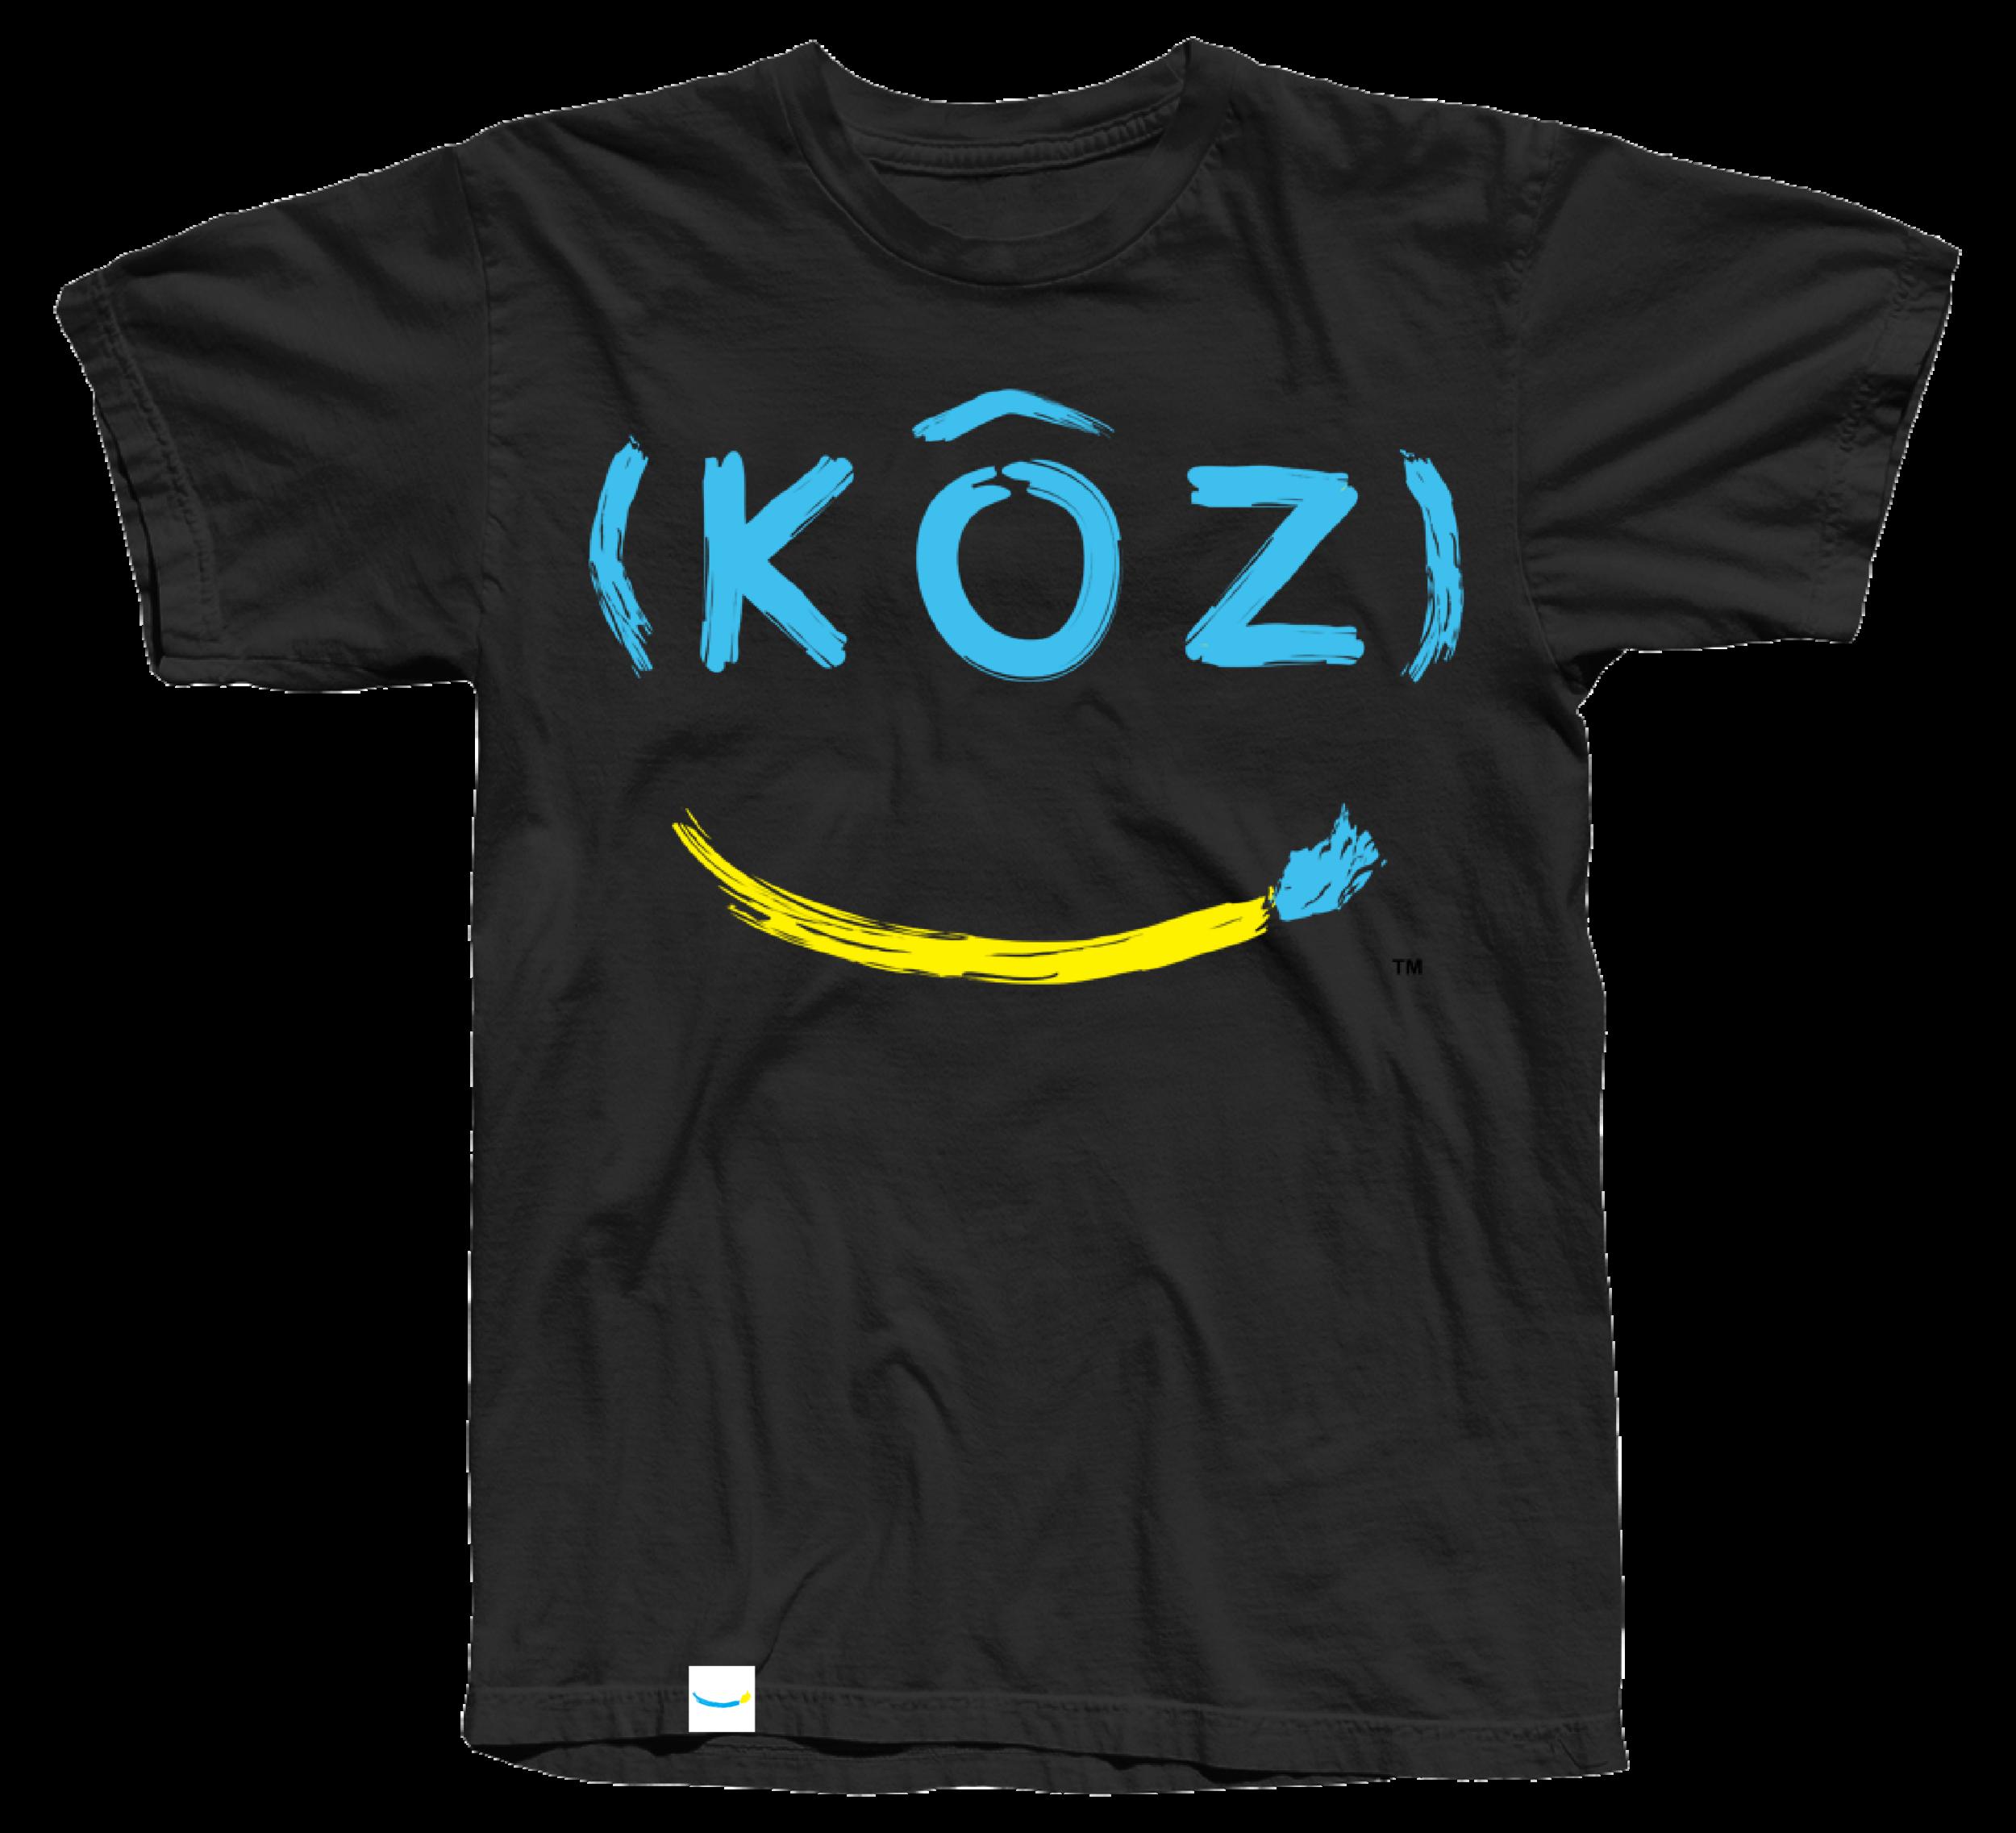 blue label koz designed